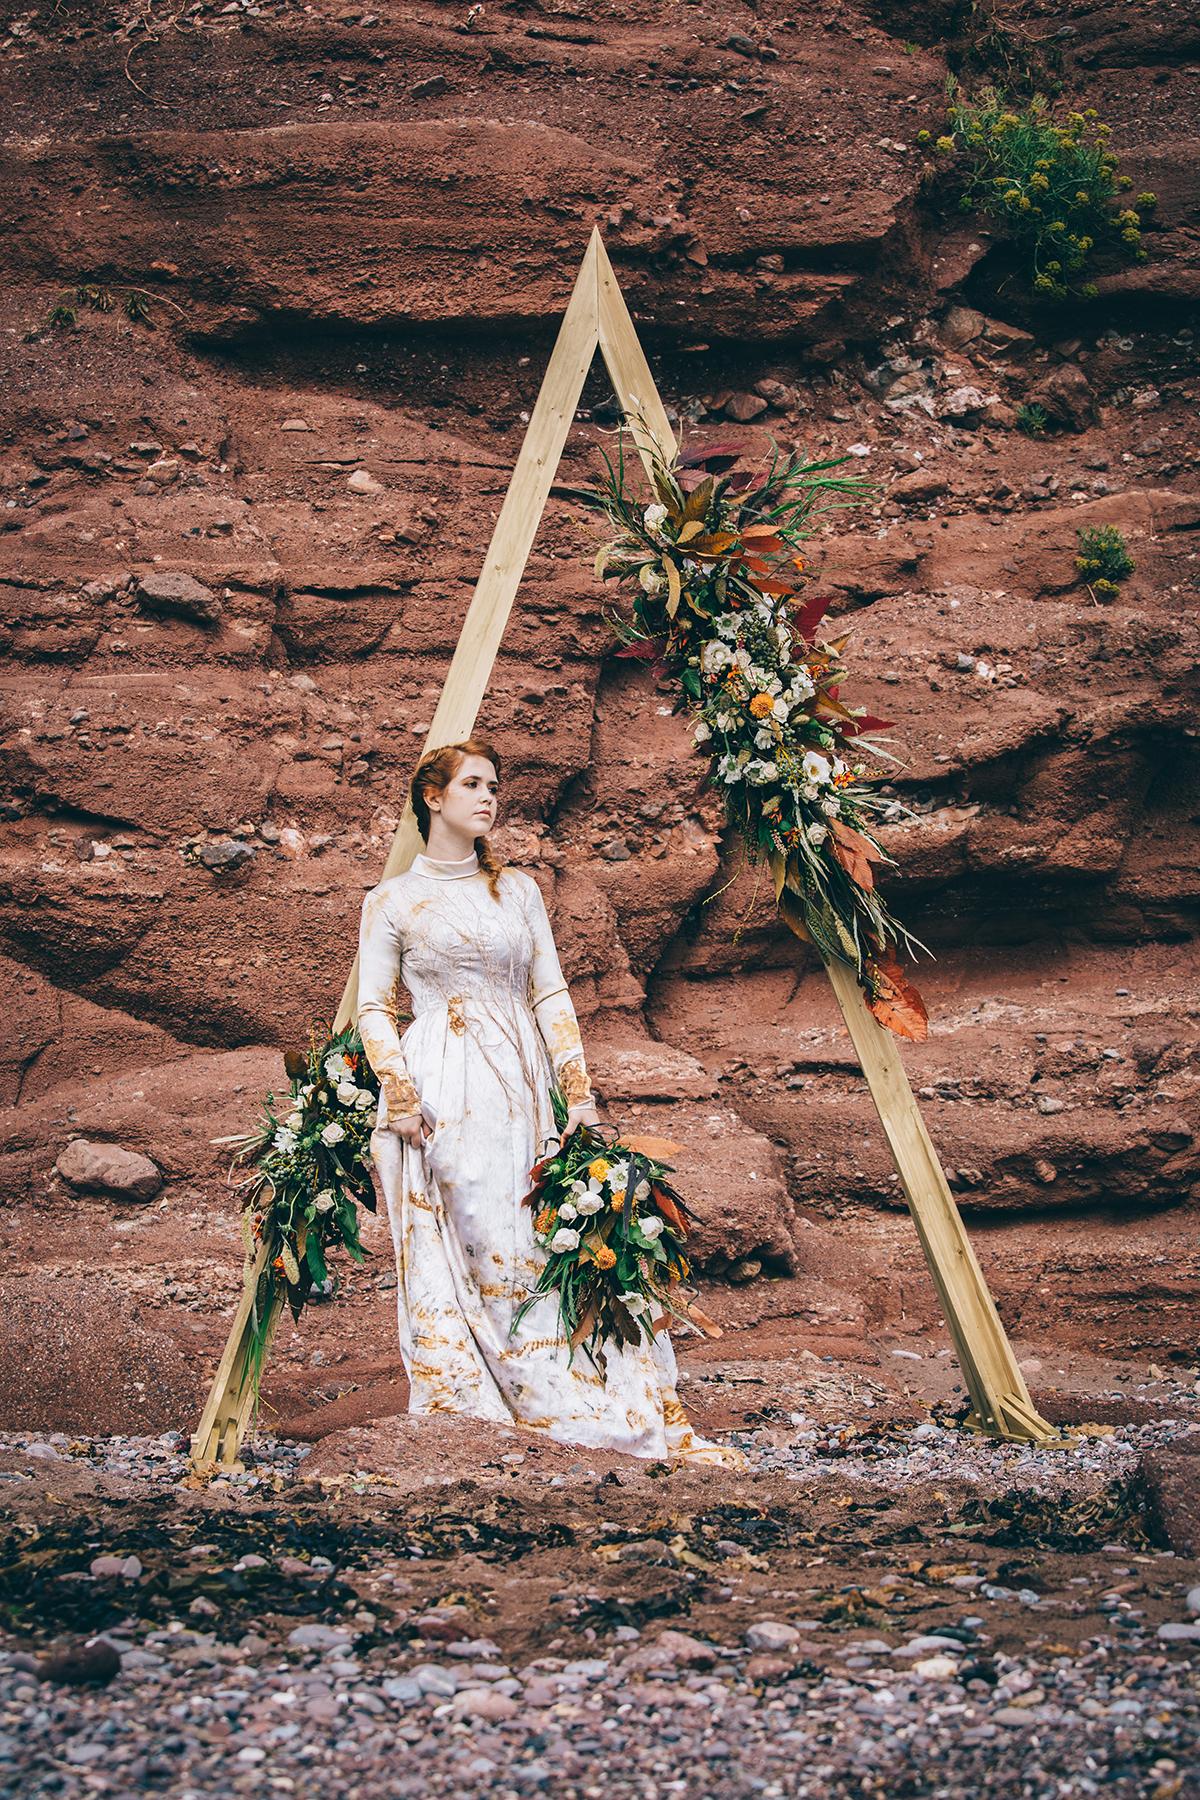 wooden frame ceremony backdrop